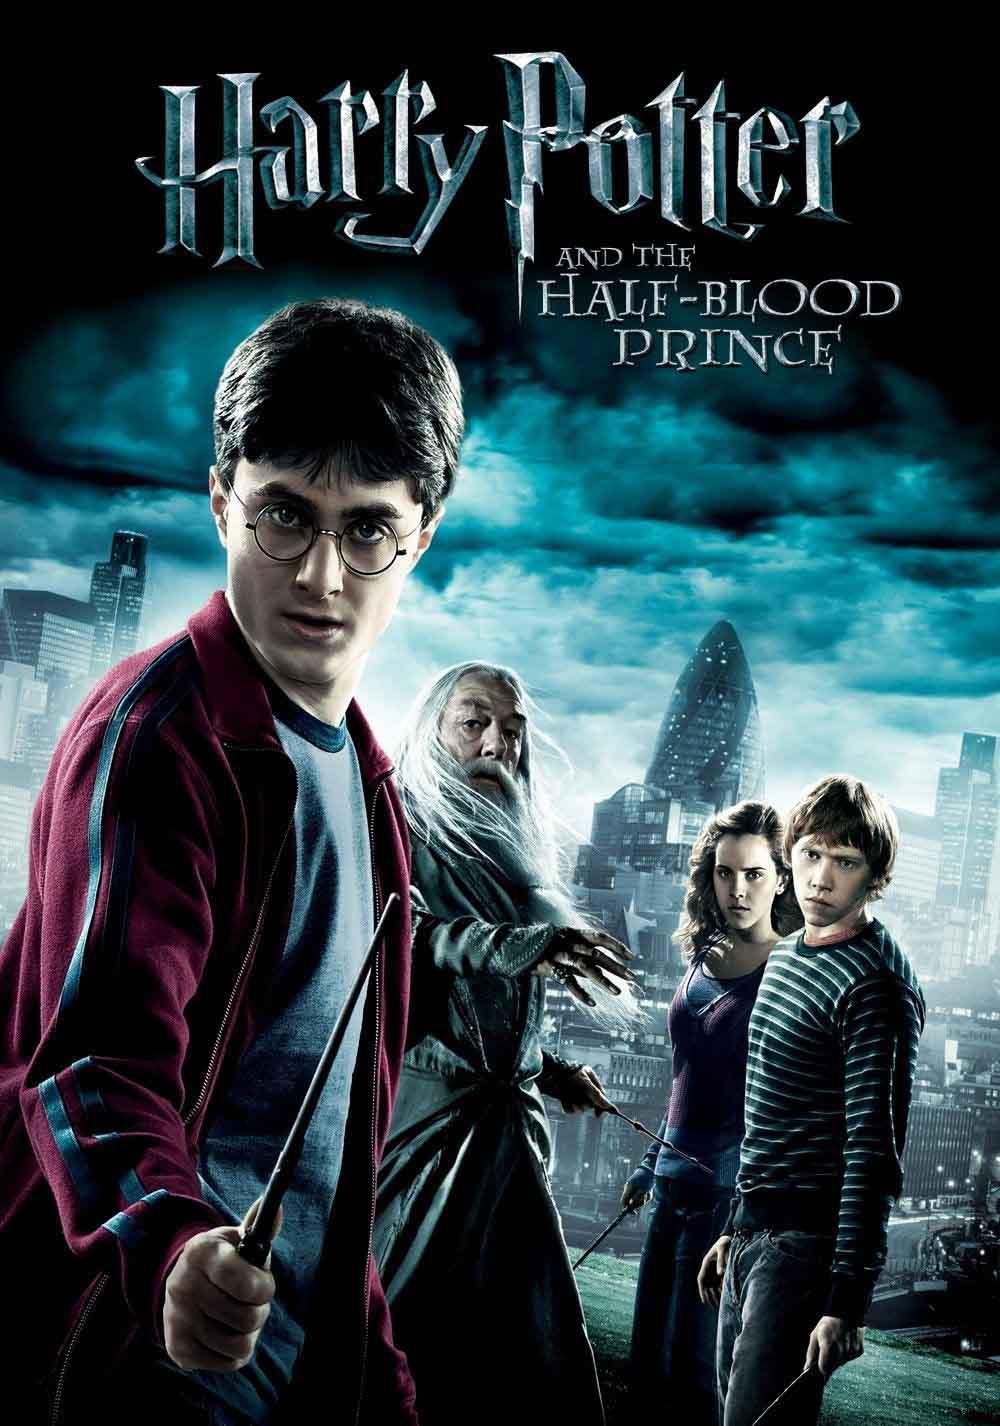 دانلود فیلم Harry Potter and the Half Blood Prince 2009 دوبله فارسی - هری پاتر 6